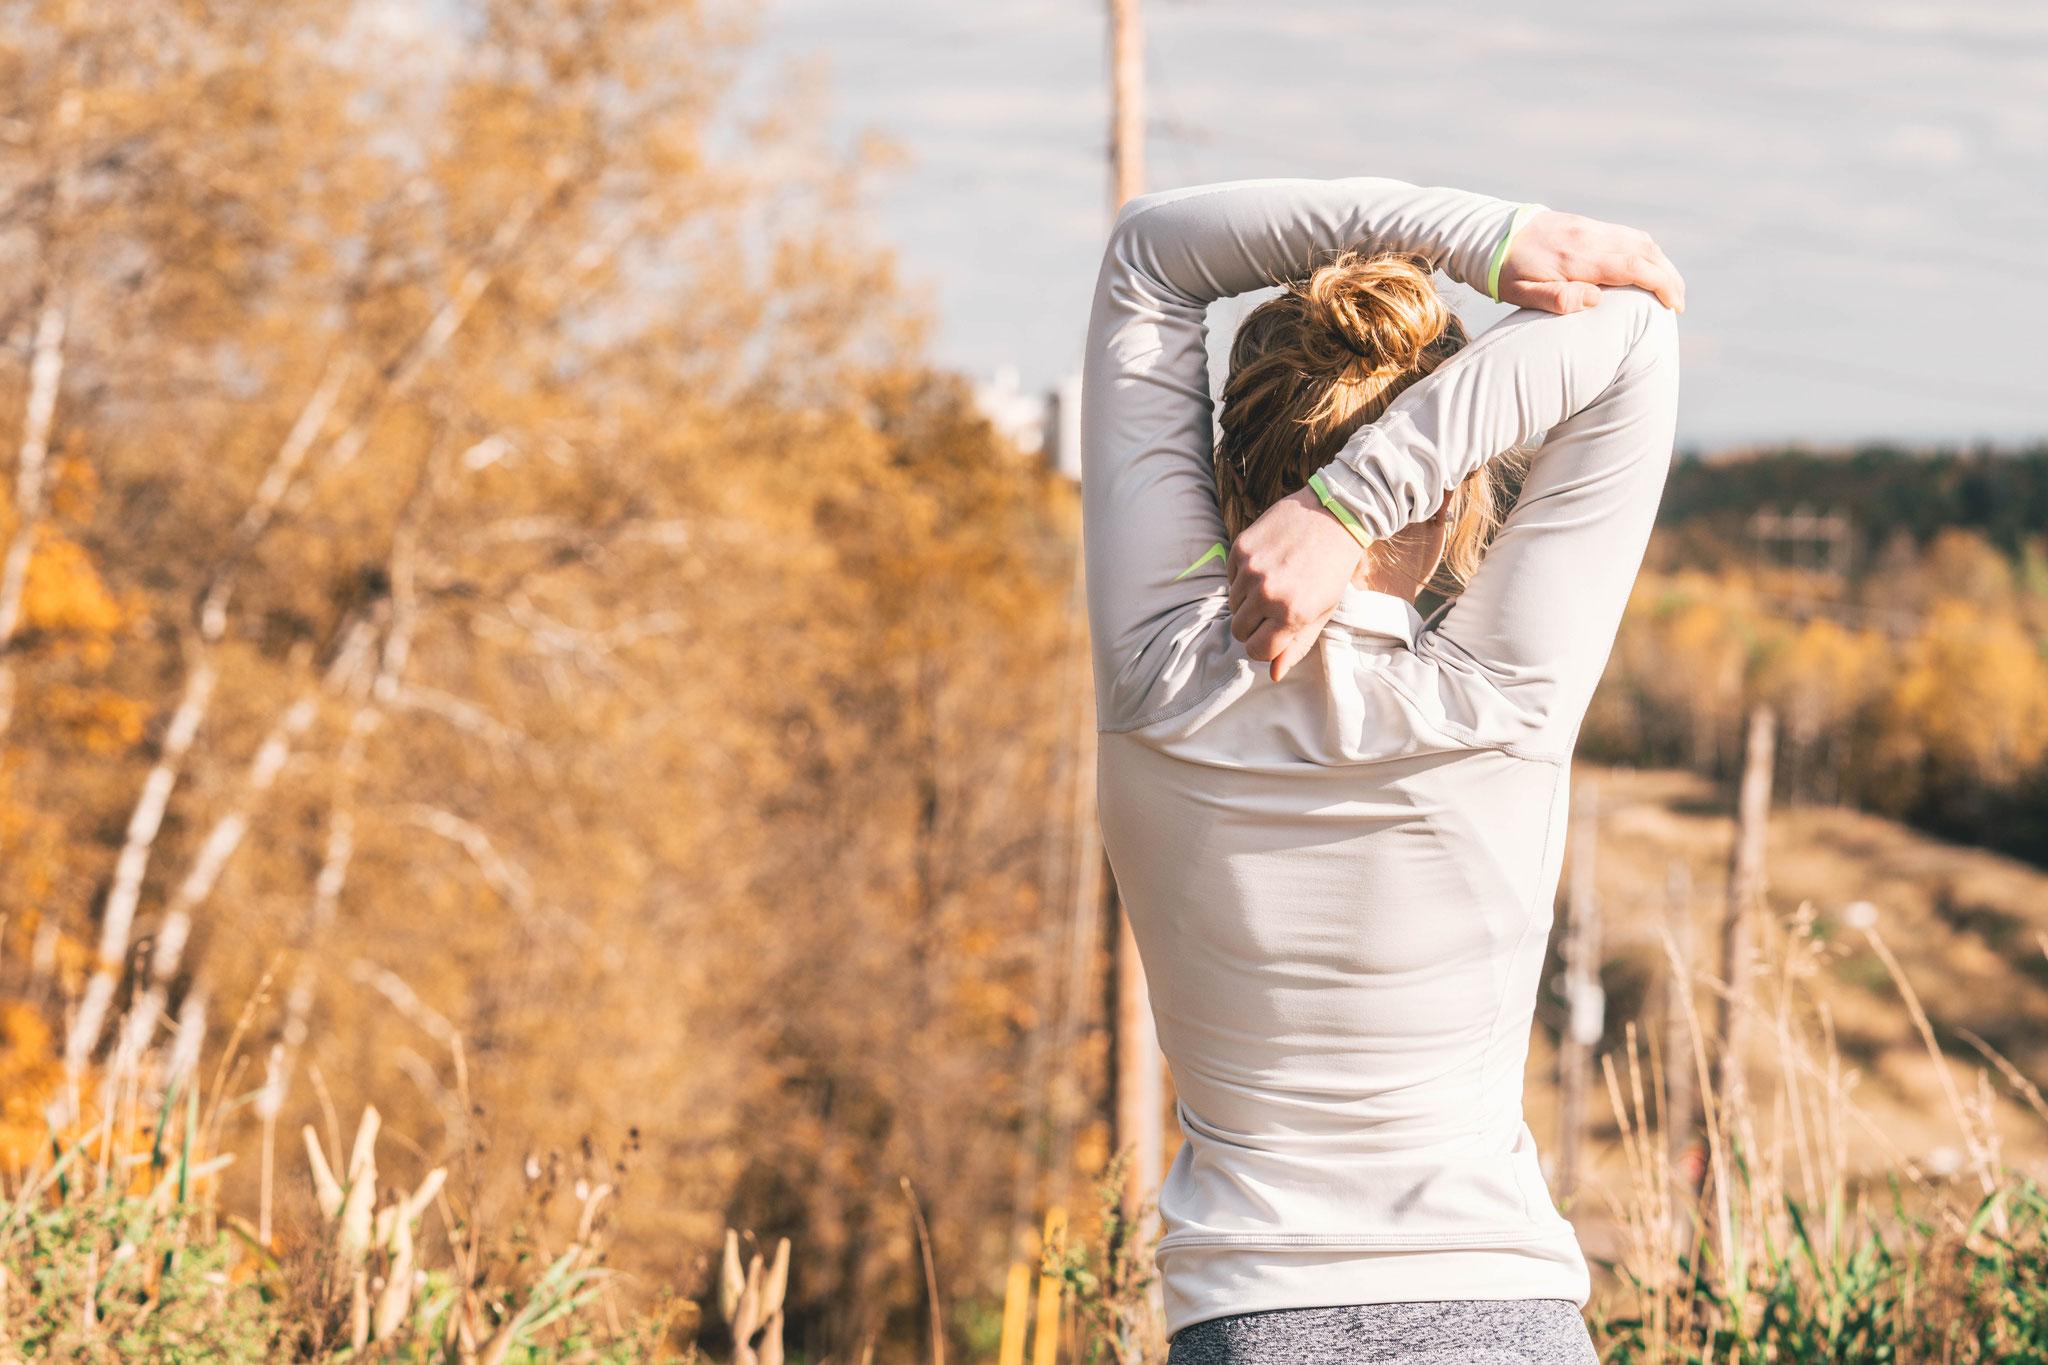 Bewegung beim PCO-Syndrom: So lauten die neuen Empfehlungen!